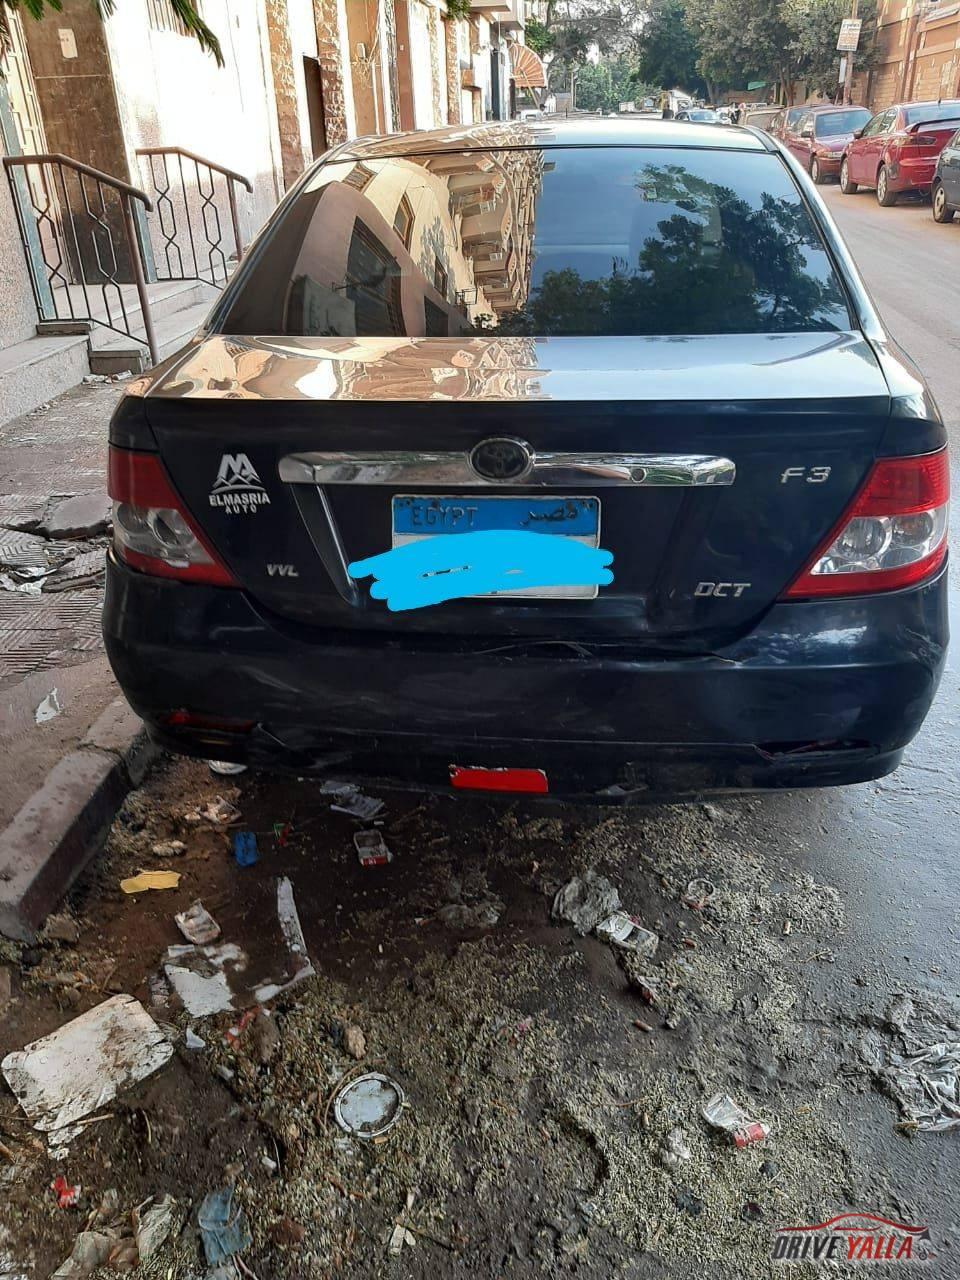 بي واي دي مستعملة للبيع فى مصر بالتقسيط  ٢٠١٥